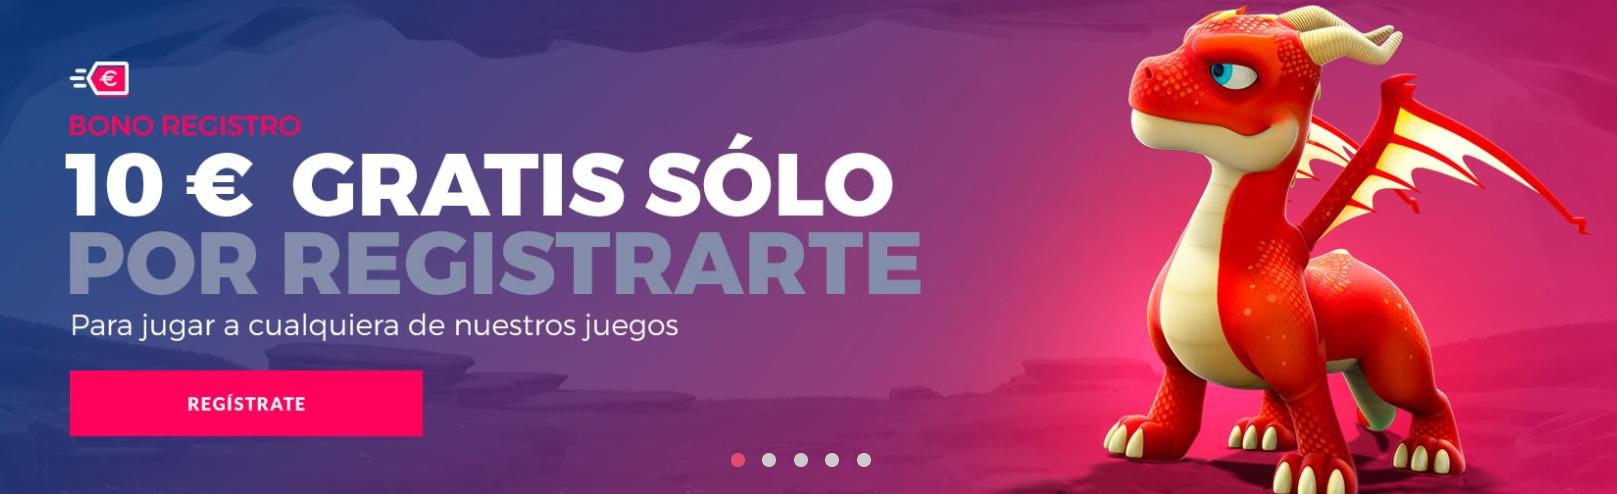 Llévate 10€ gratis en Casino Gran Madrid solo por registrarte